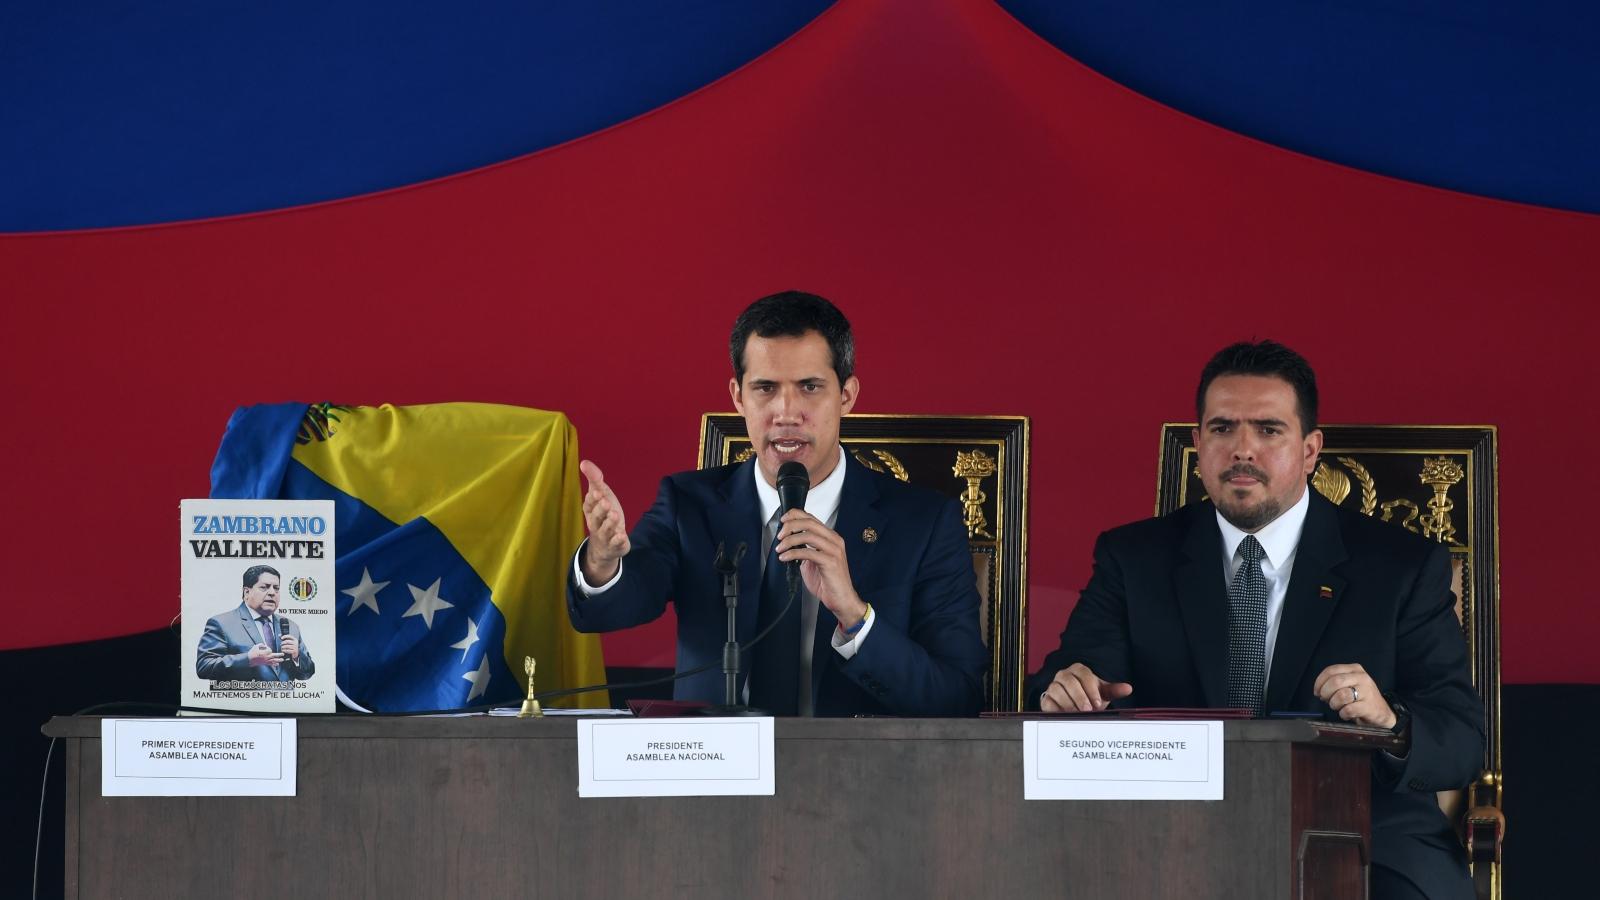 Parlamento aprueba adhesión de Venezuela a tratado que podría amparar intervención